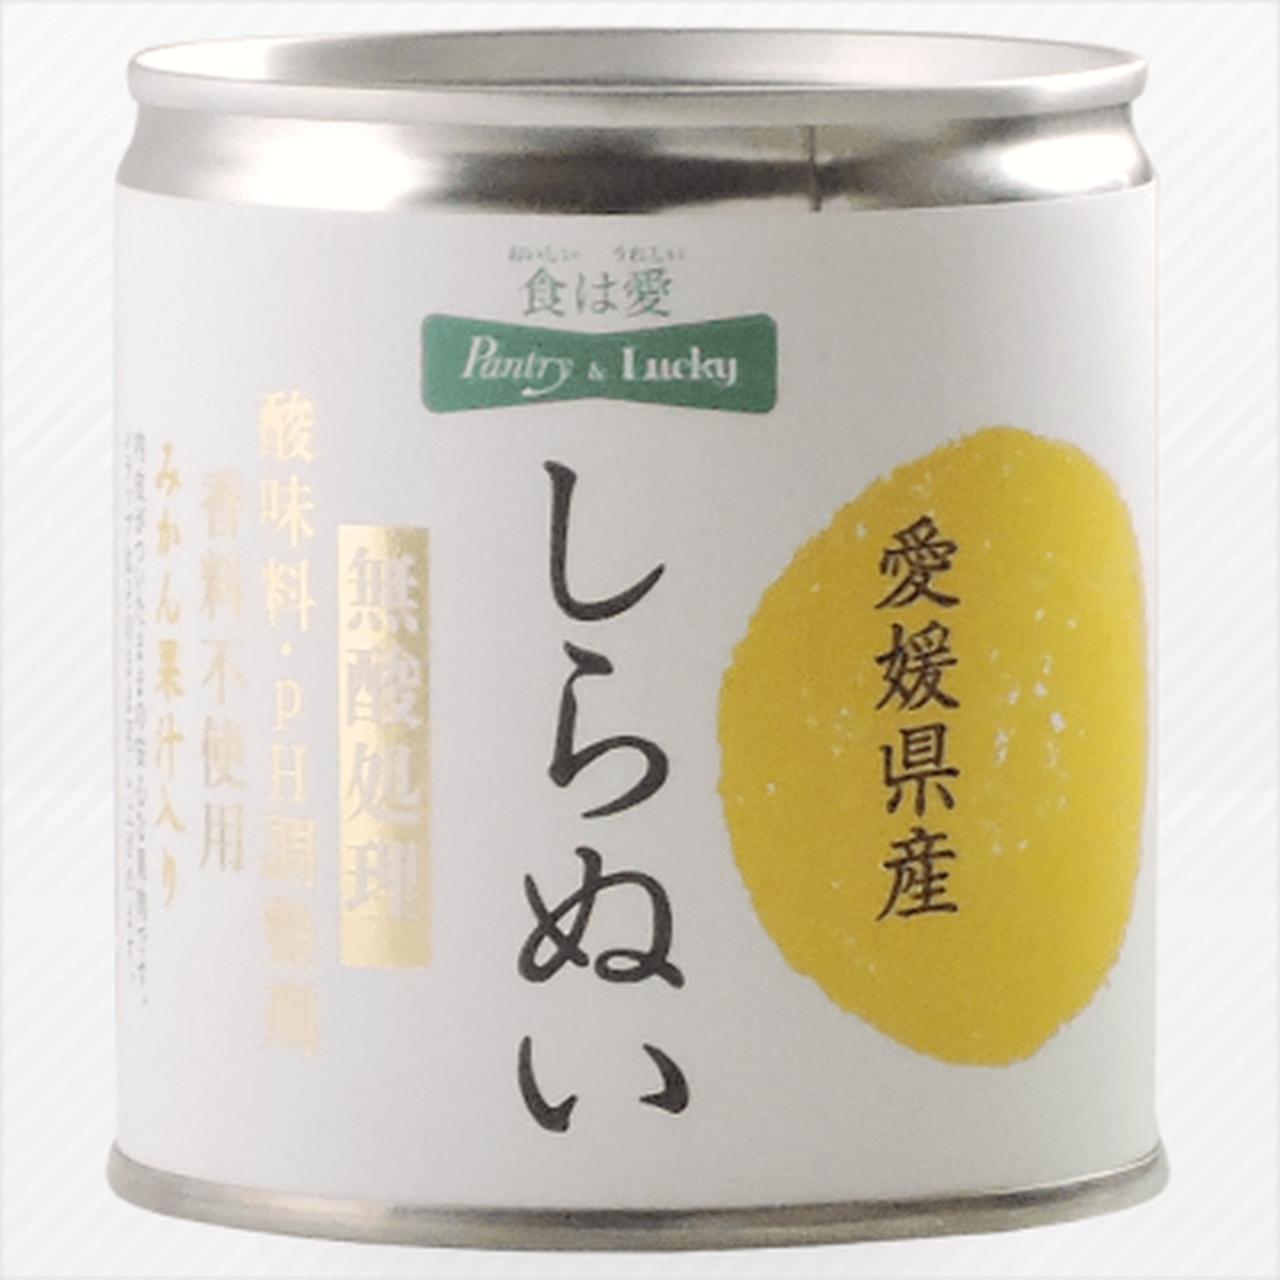 画像2: ③【オリジナル愛媛県産「みかん」と「しらぬい」の缶詰、各2つ】を3名様に!